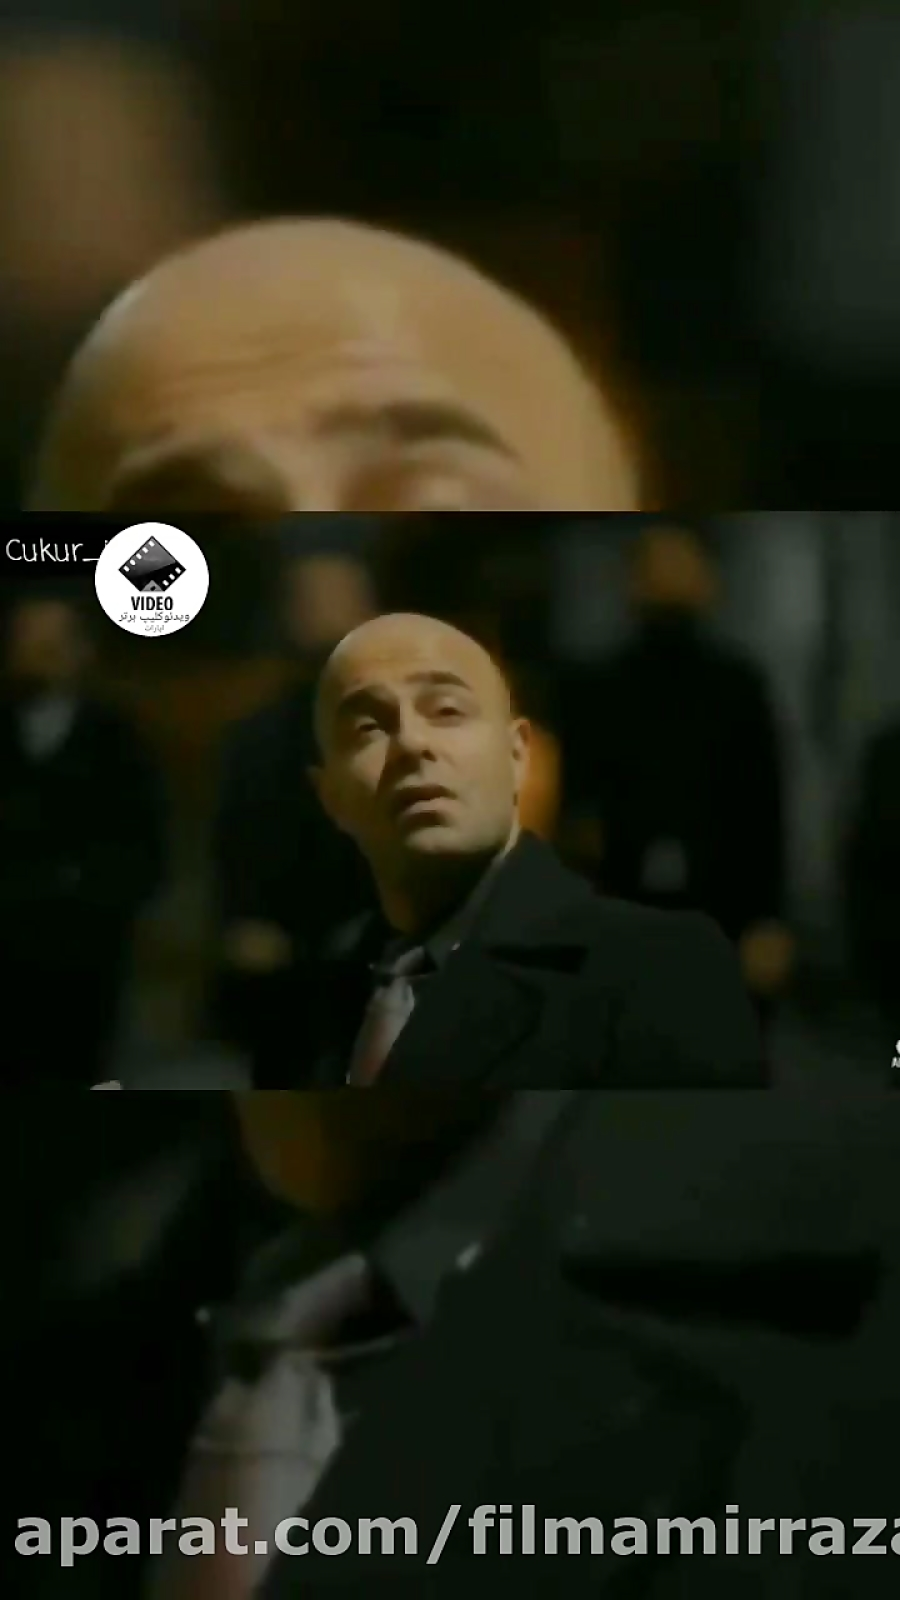 تصویر از کلیپ سریال گودال / گودال / چوکور / یاماچ کوچوالی و دعواهاش